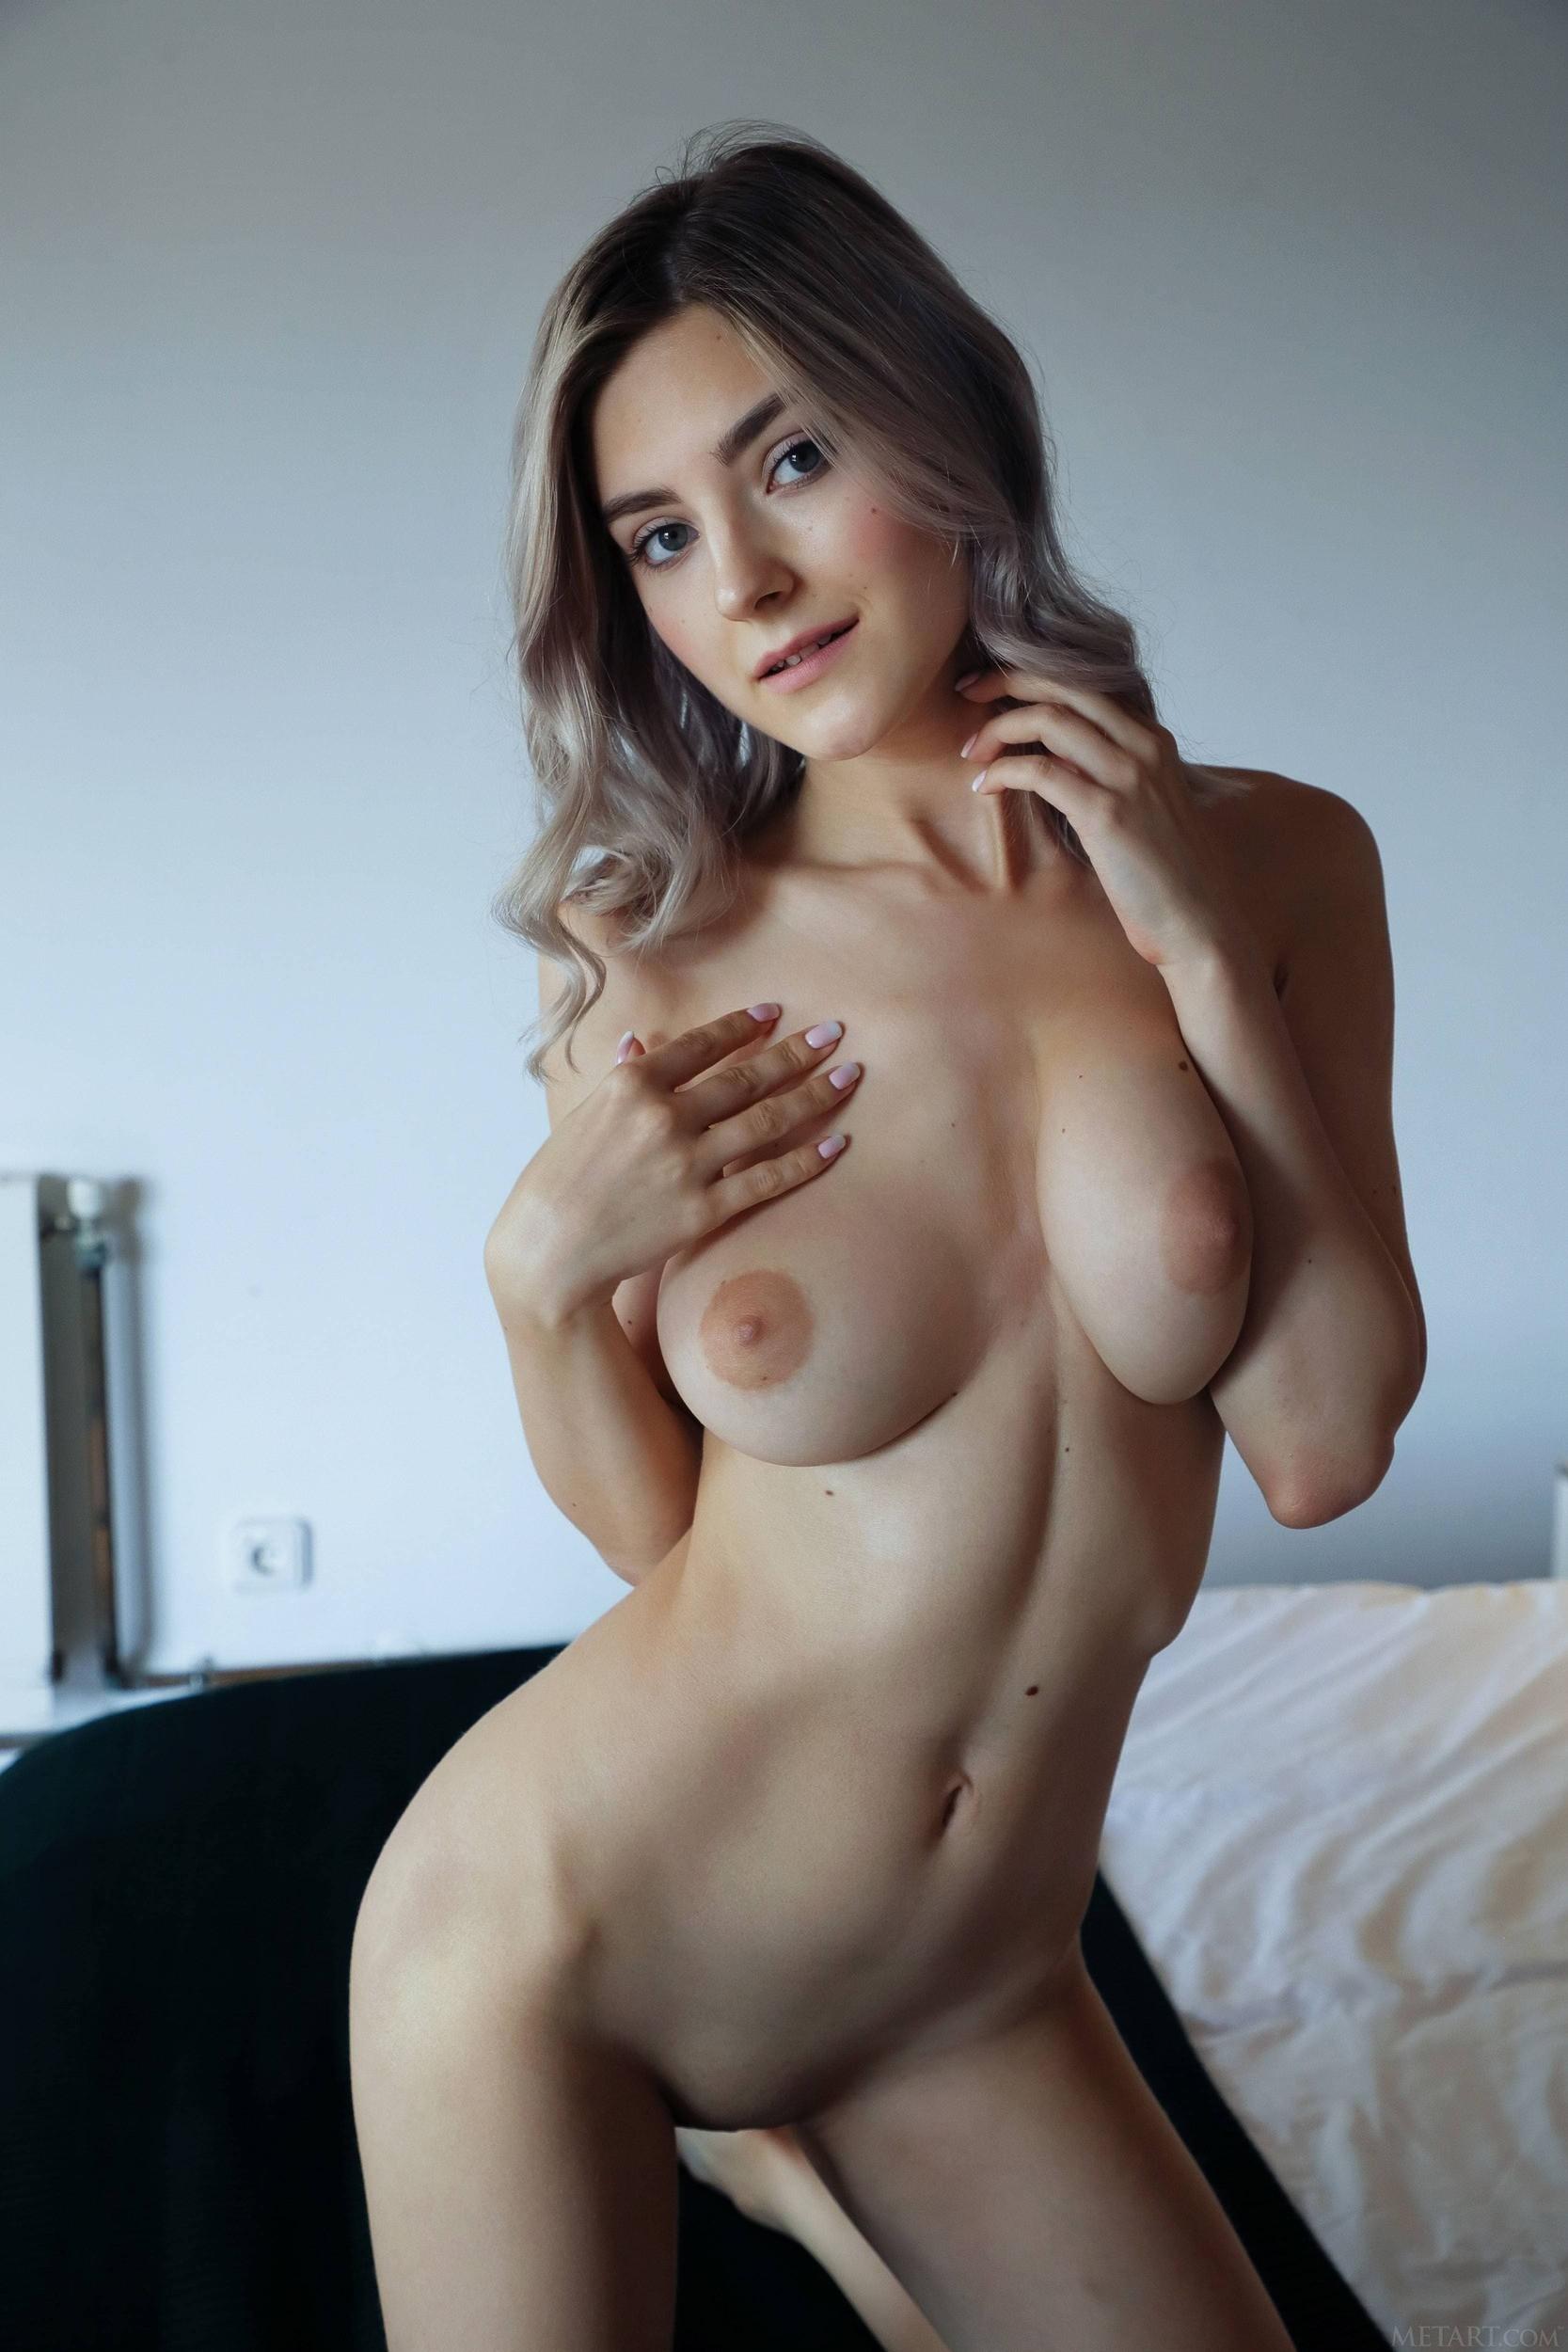 Симпатичная девушка с сексуальной фигурой - фото